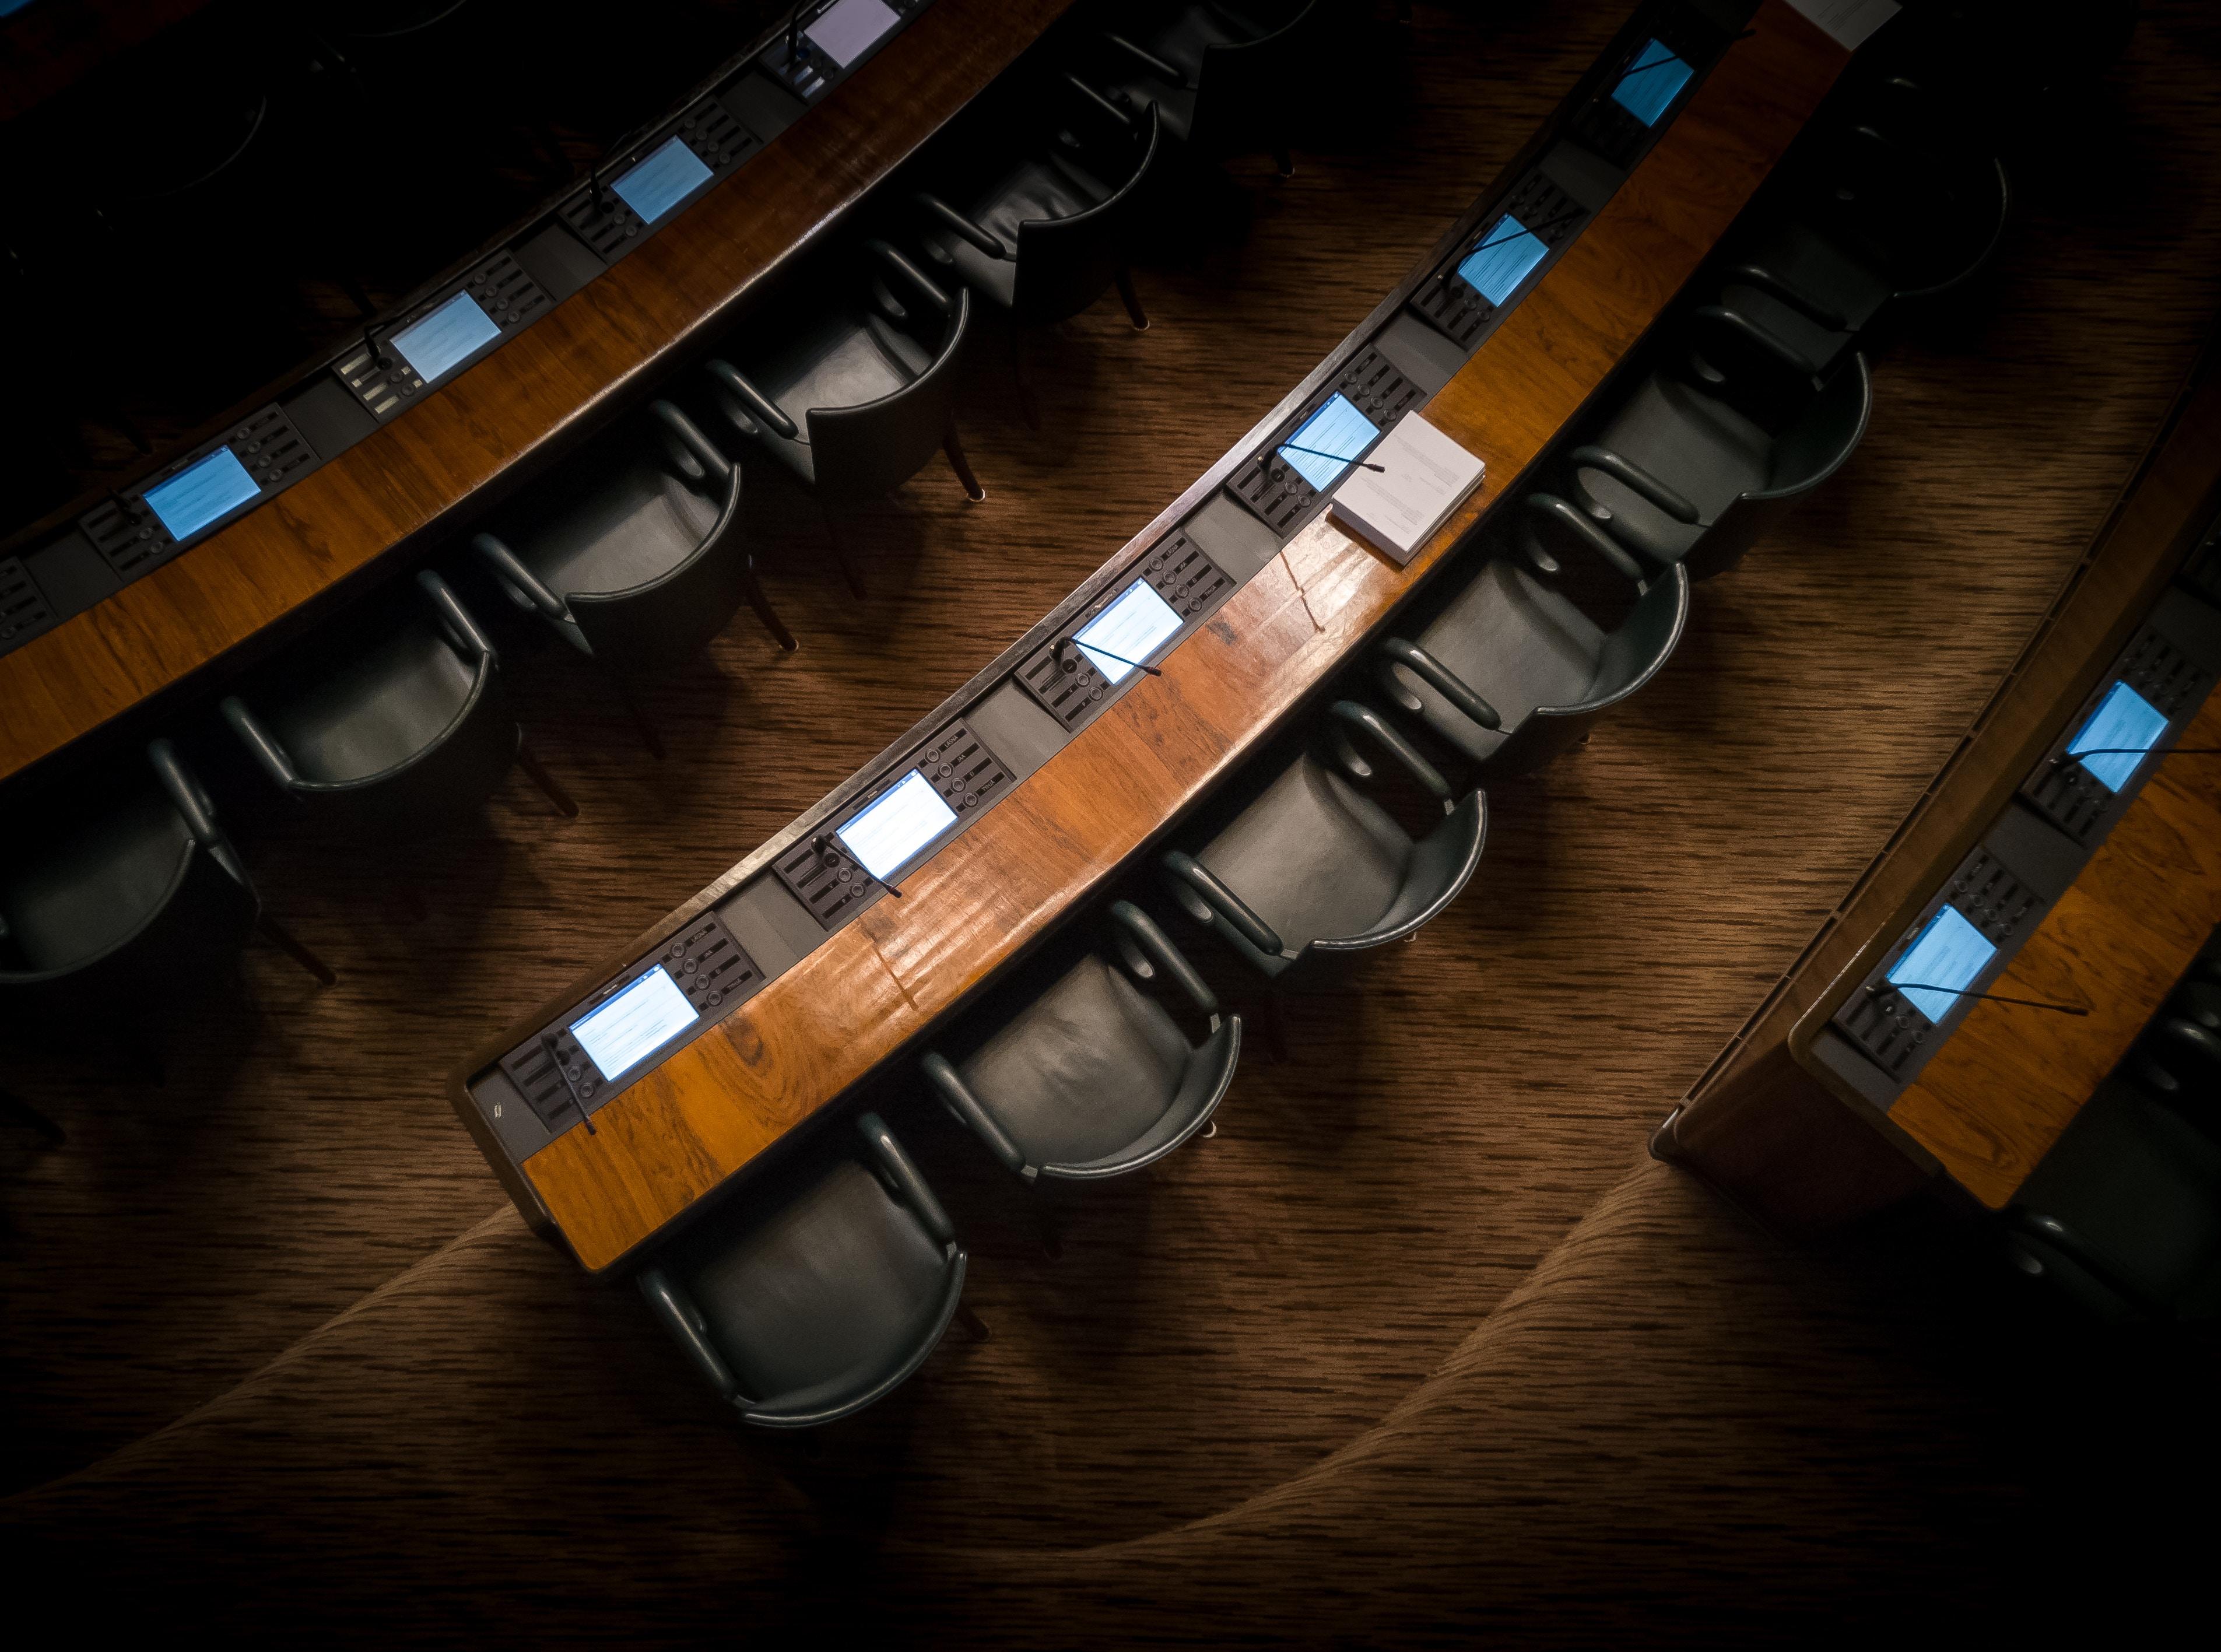 Parlament buit propostes polítiques